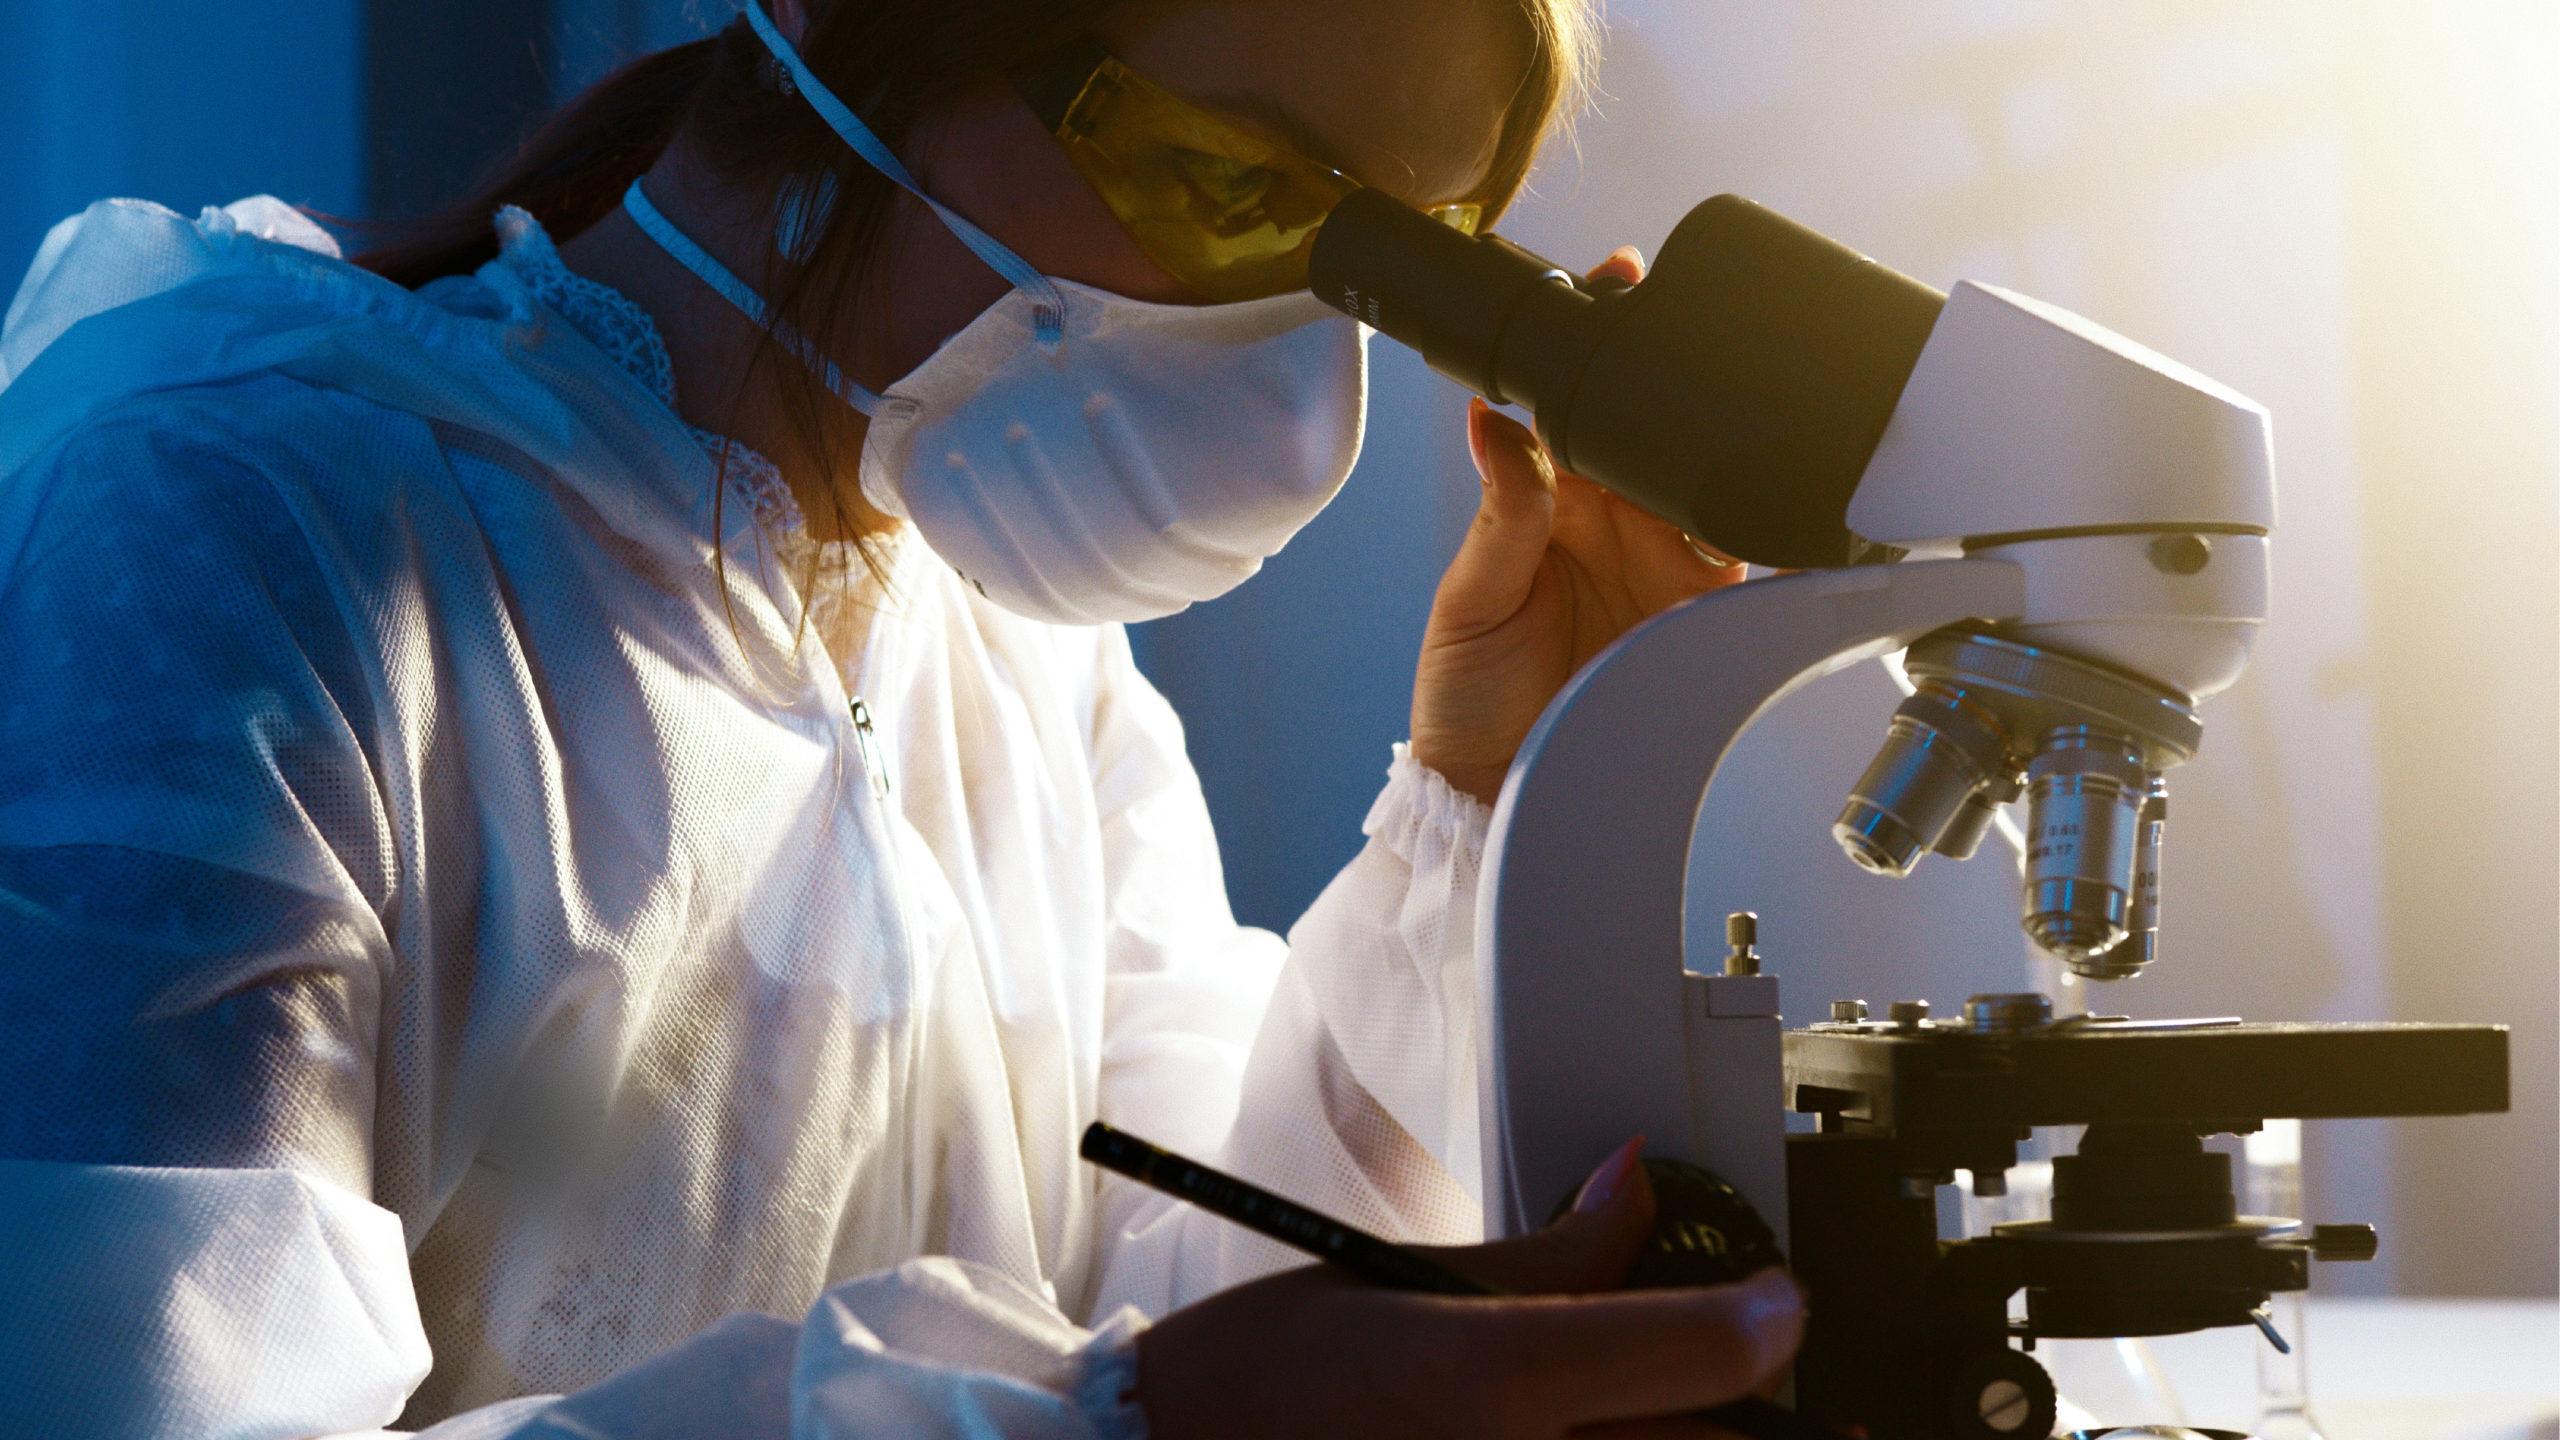 Linfocitos B no reconocen algunas variantes de Covid-19: estudio